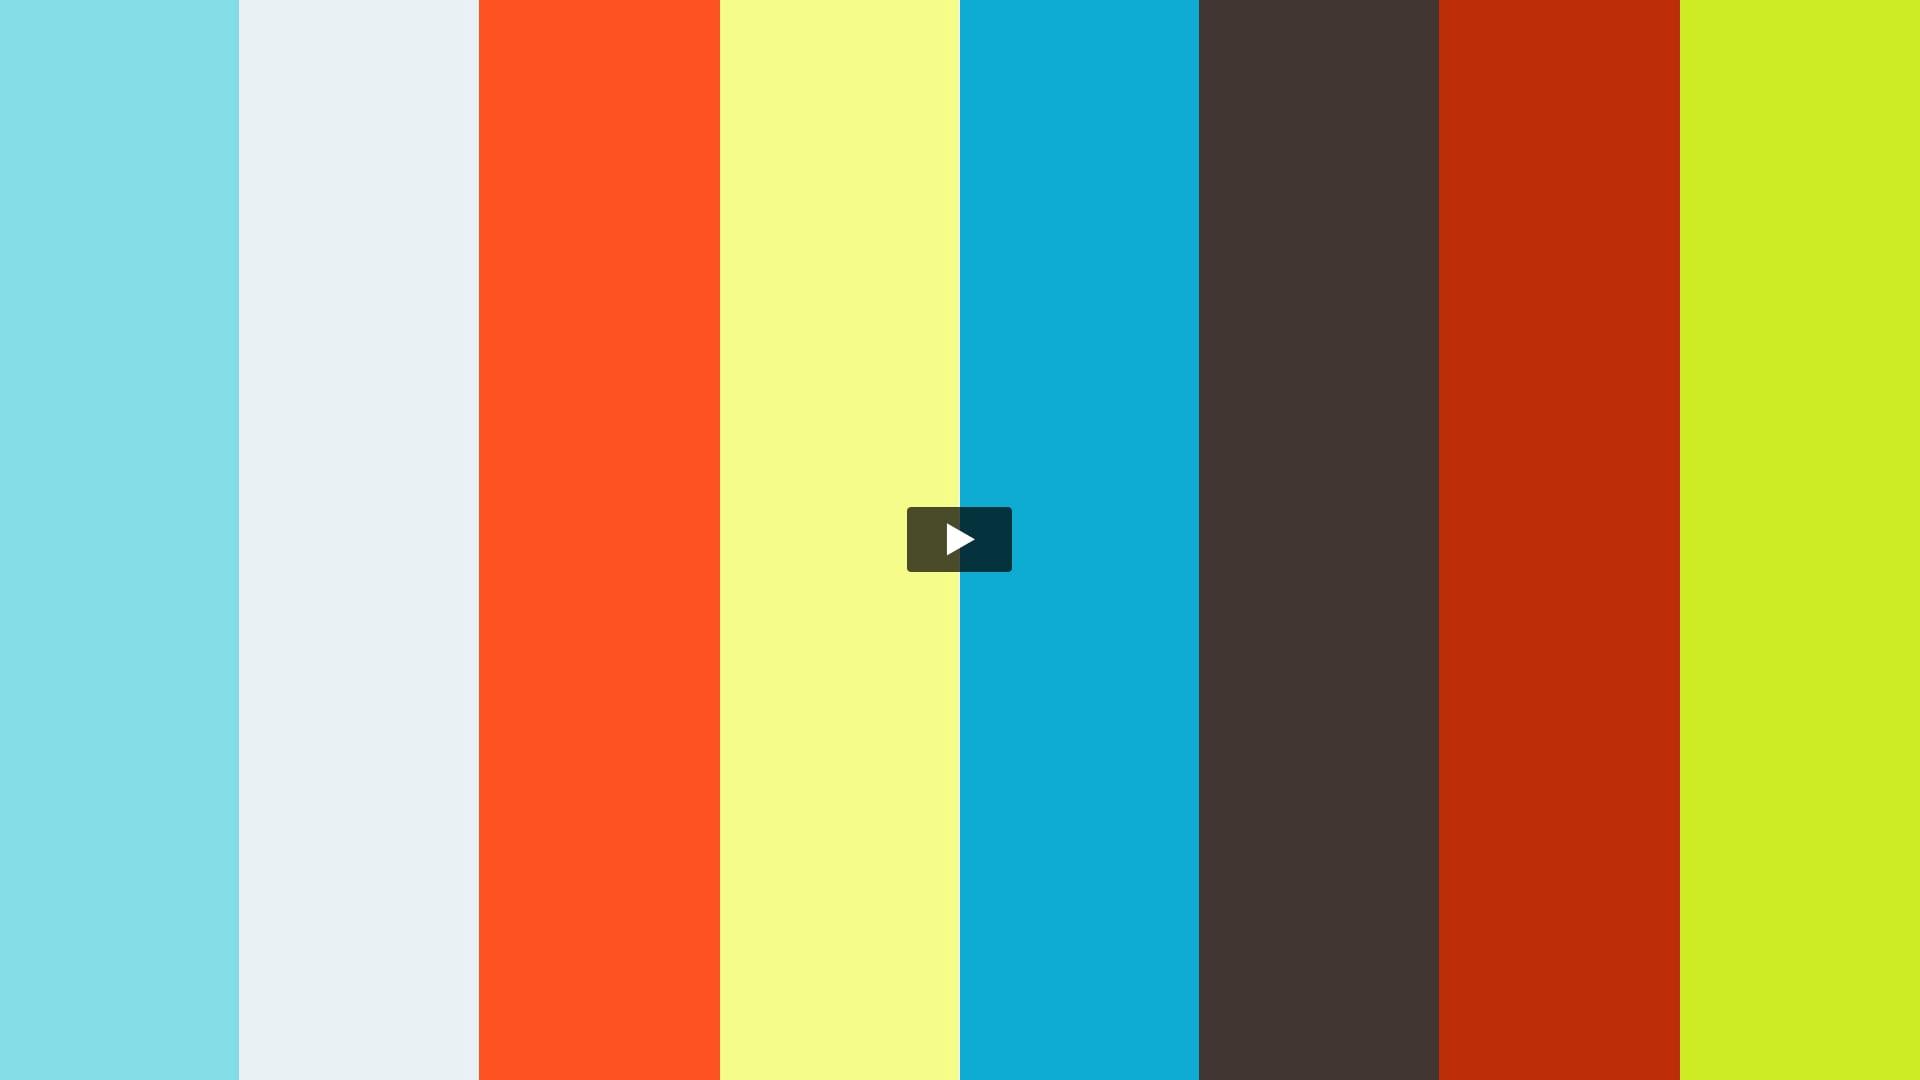 Shooting on Google Pixel 3